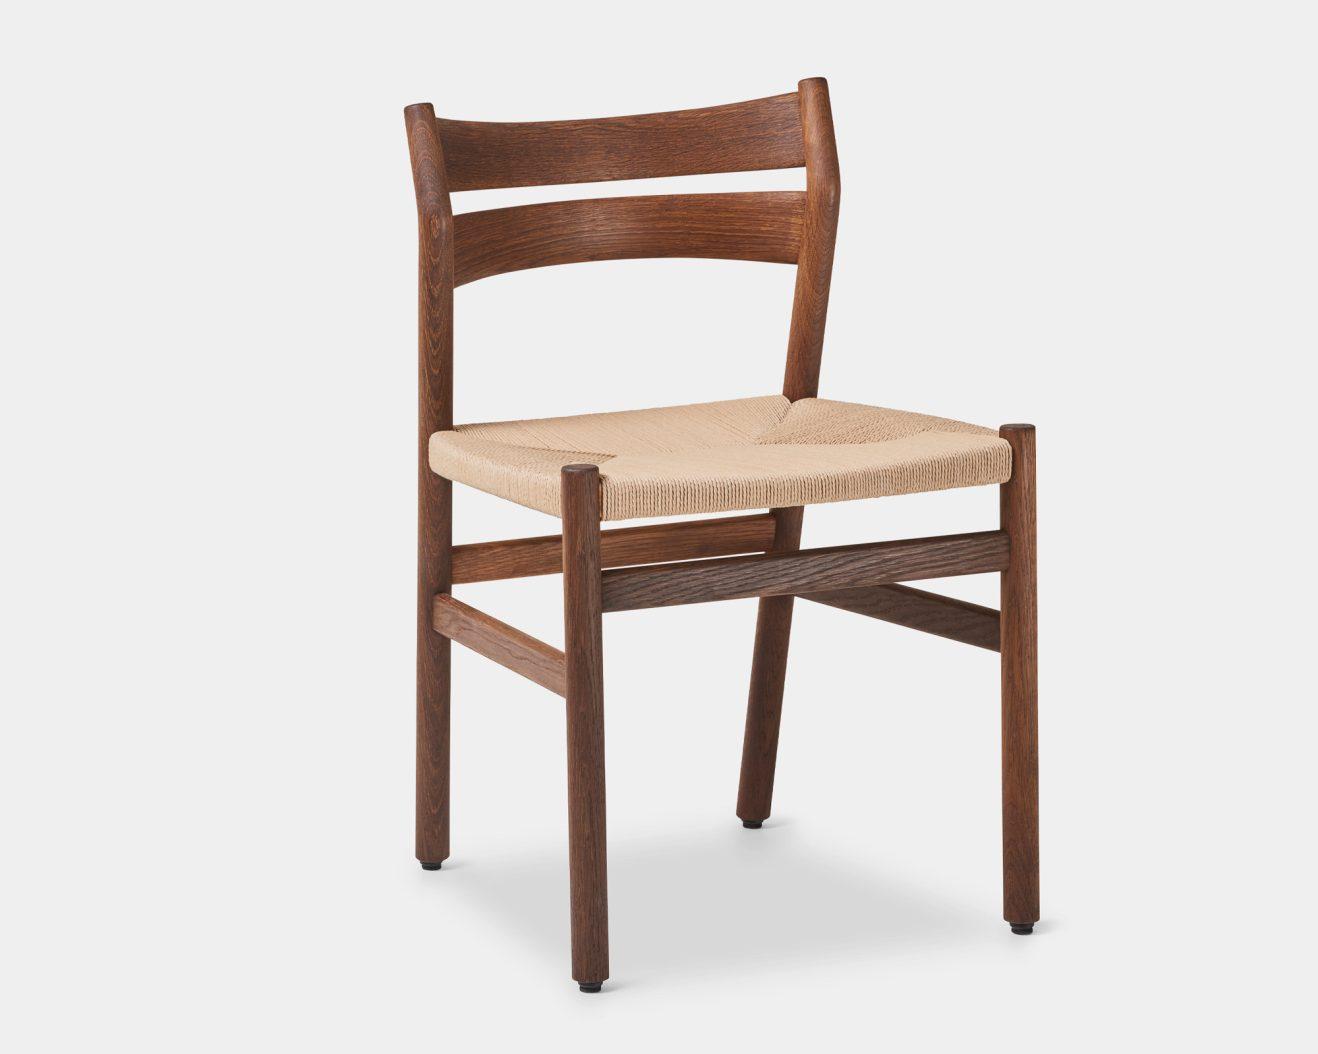 Chair BM1 by DK3 1